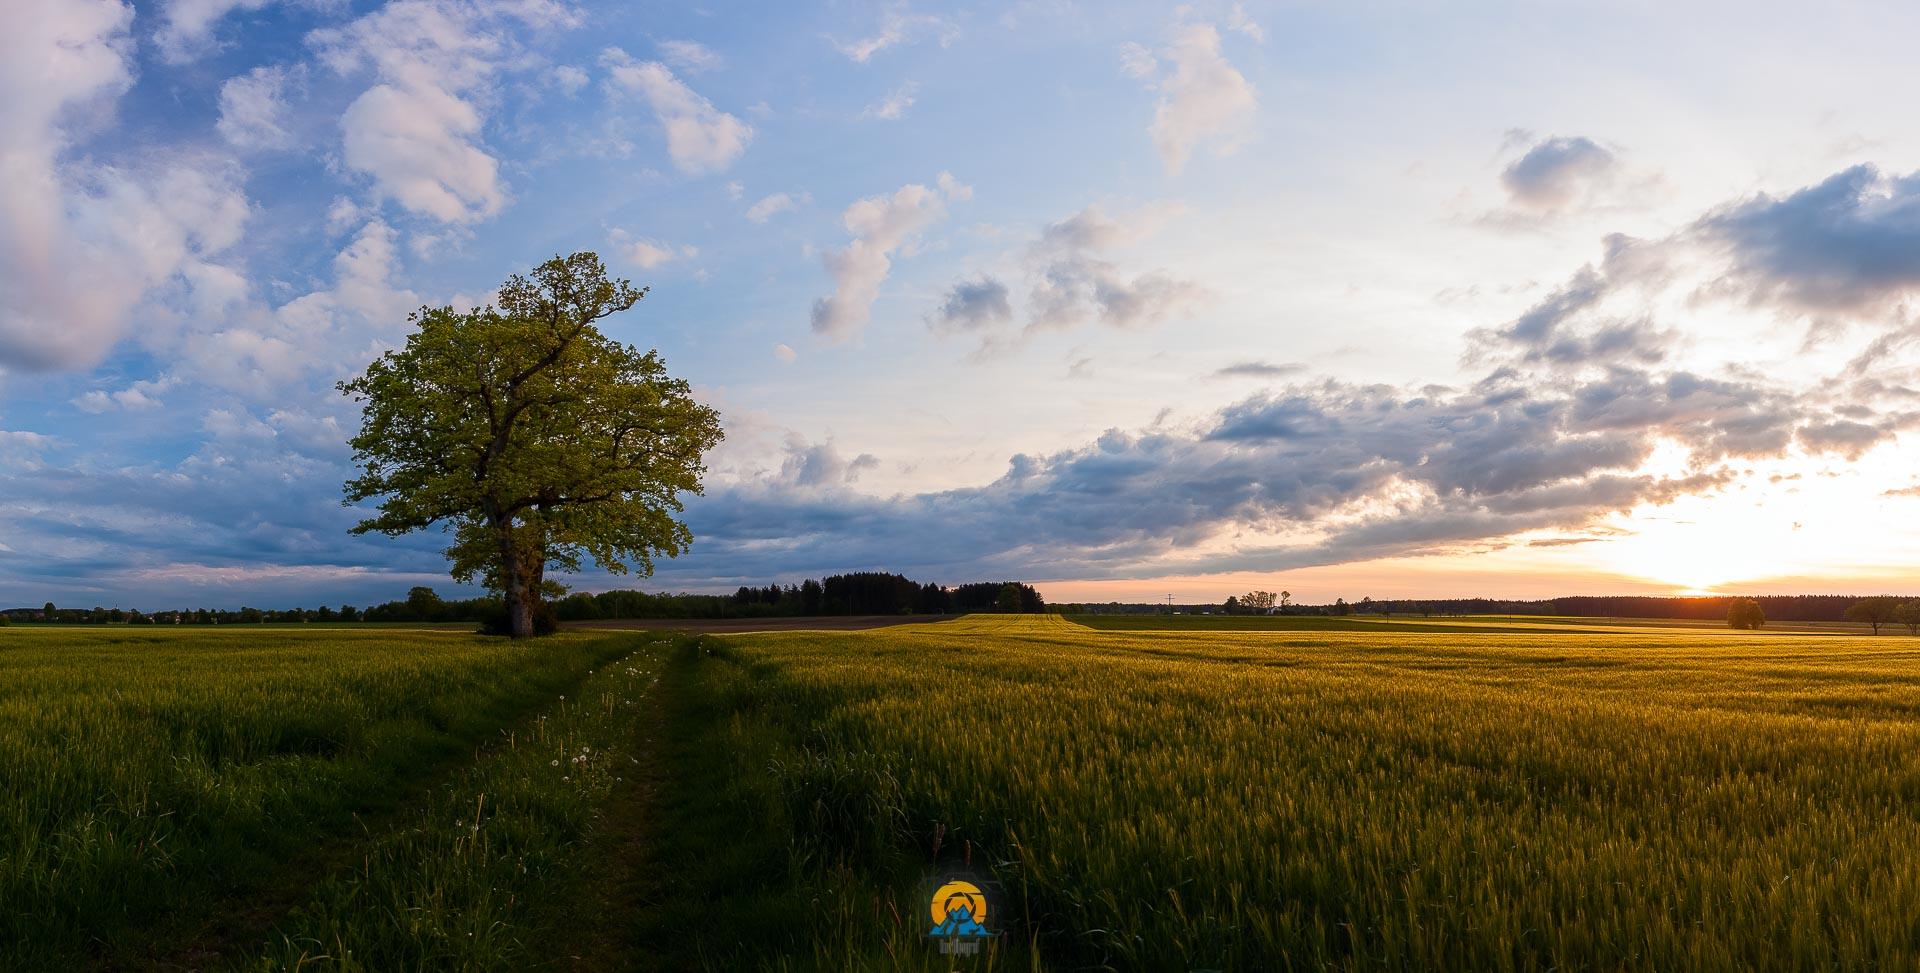 Der Baum am Feld